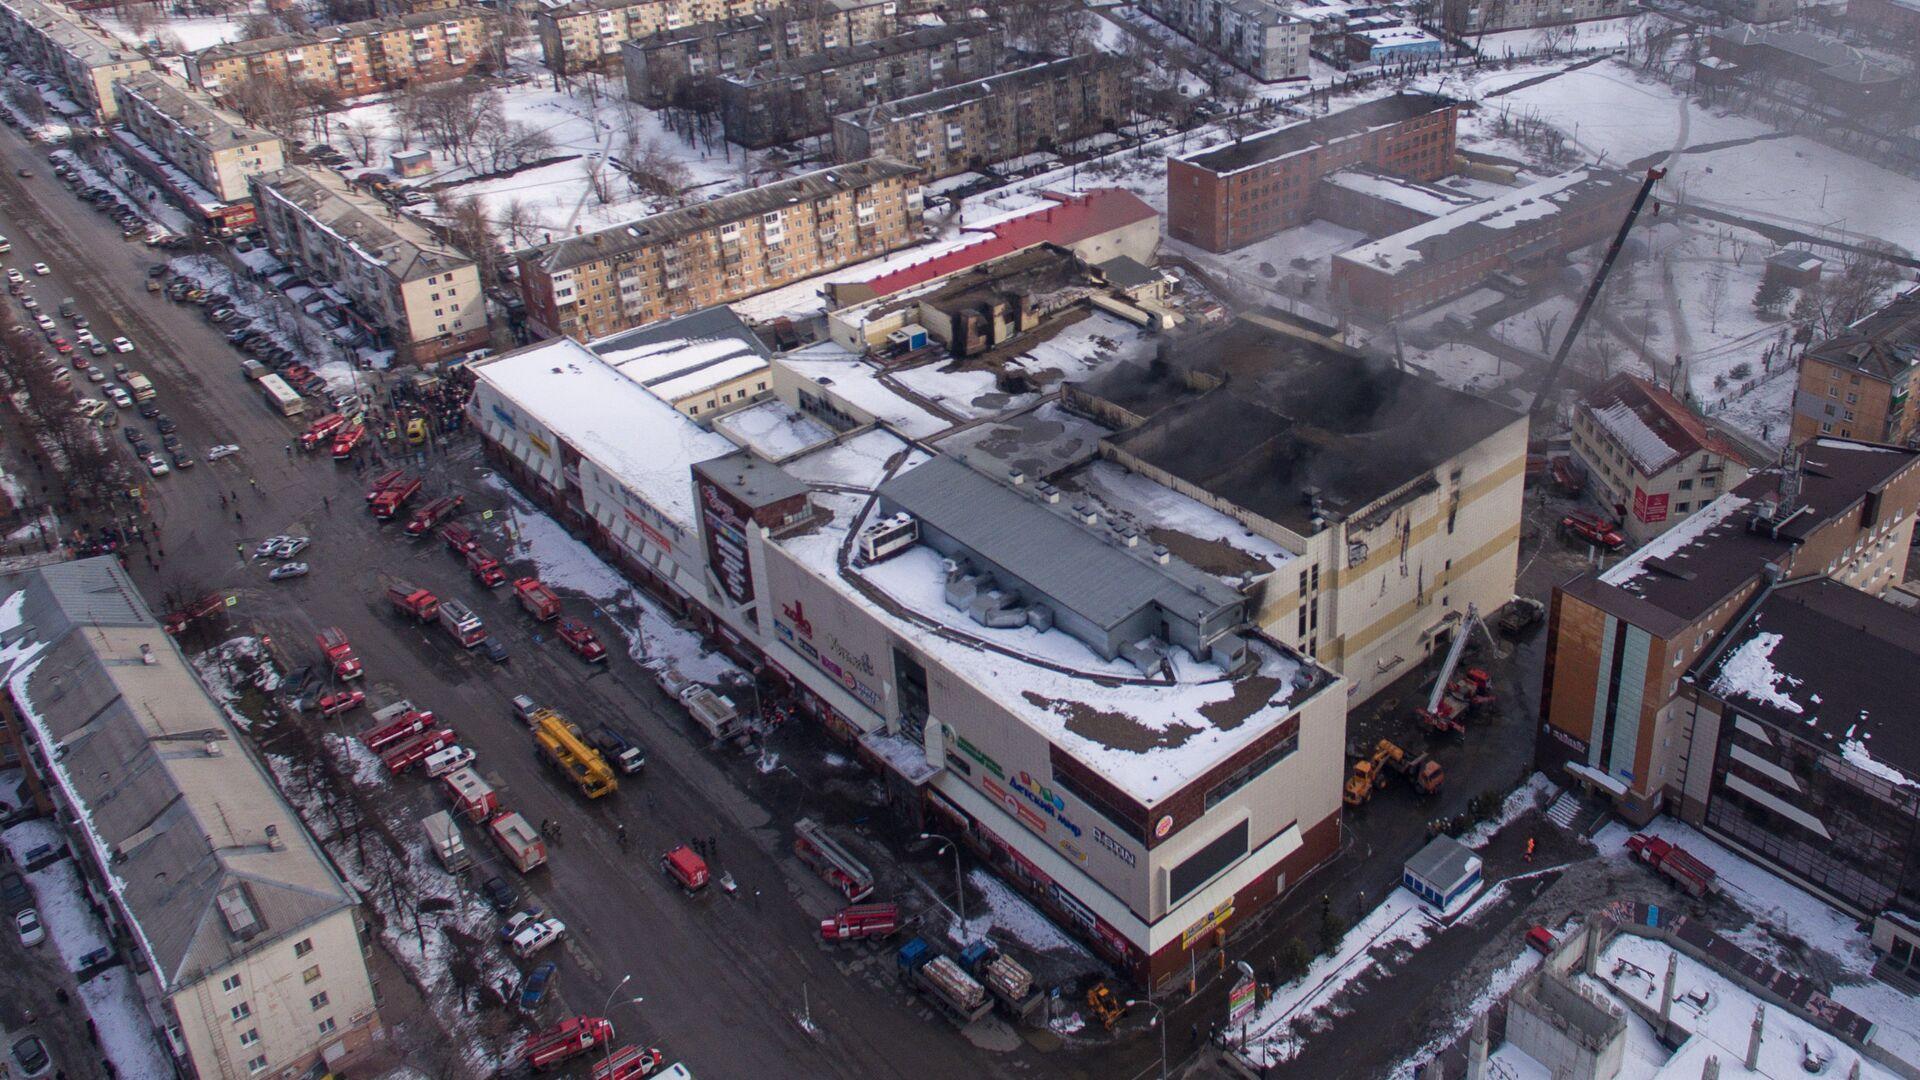 Здание торгового центра Зимняя вишня в Кемерово, где произошел пожар. 26 марта 2018 - РИА Новости, 1920, 12.05.2021